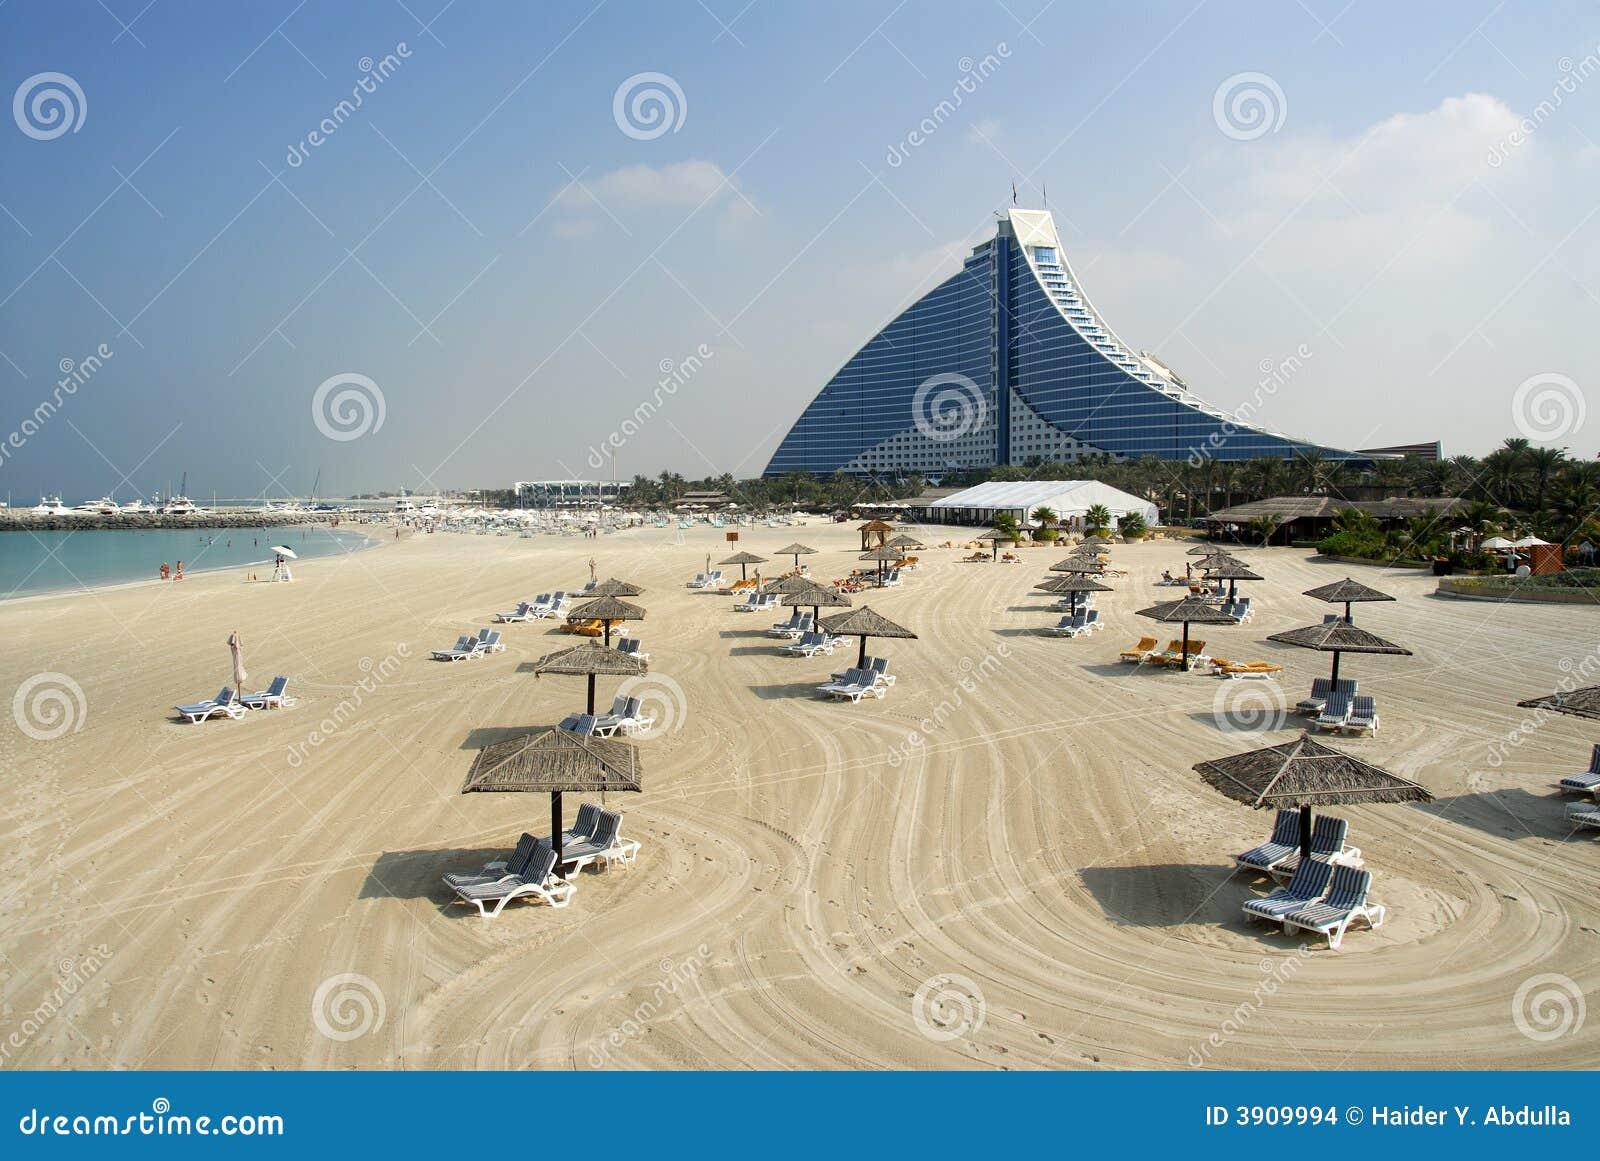 ξενοδοχείο παραλιών jumeirah